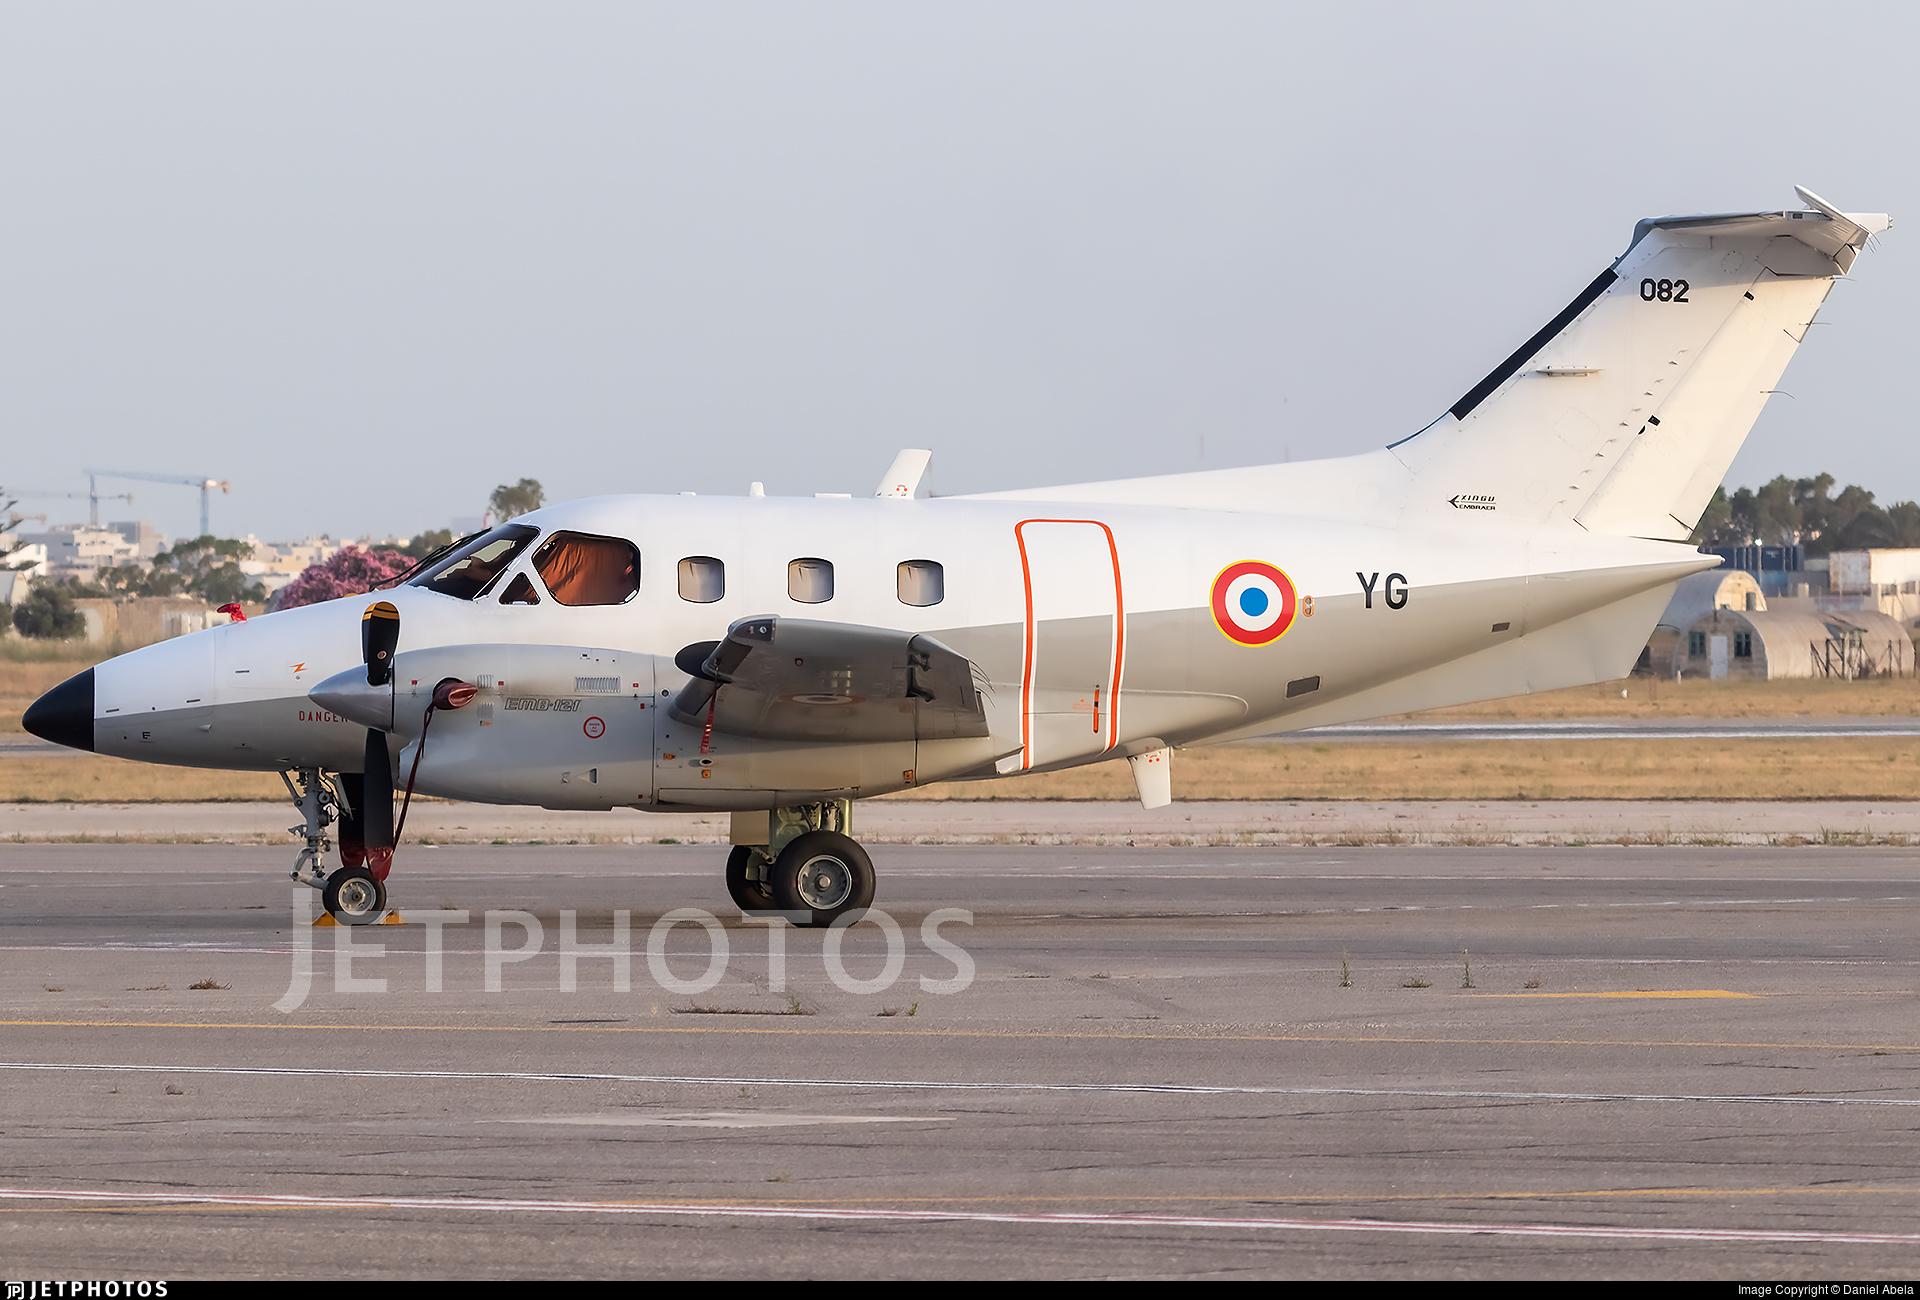 082 - Embraer EMB-121AA Xingú - France - Air Force